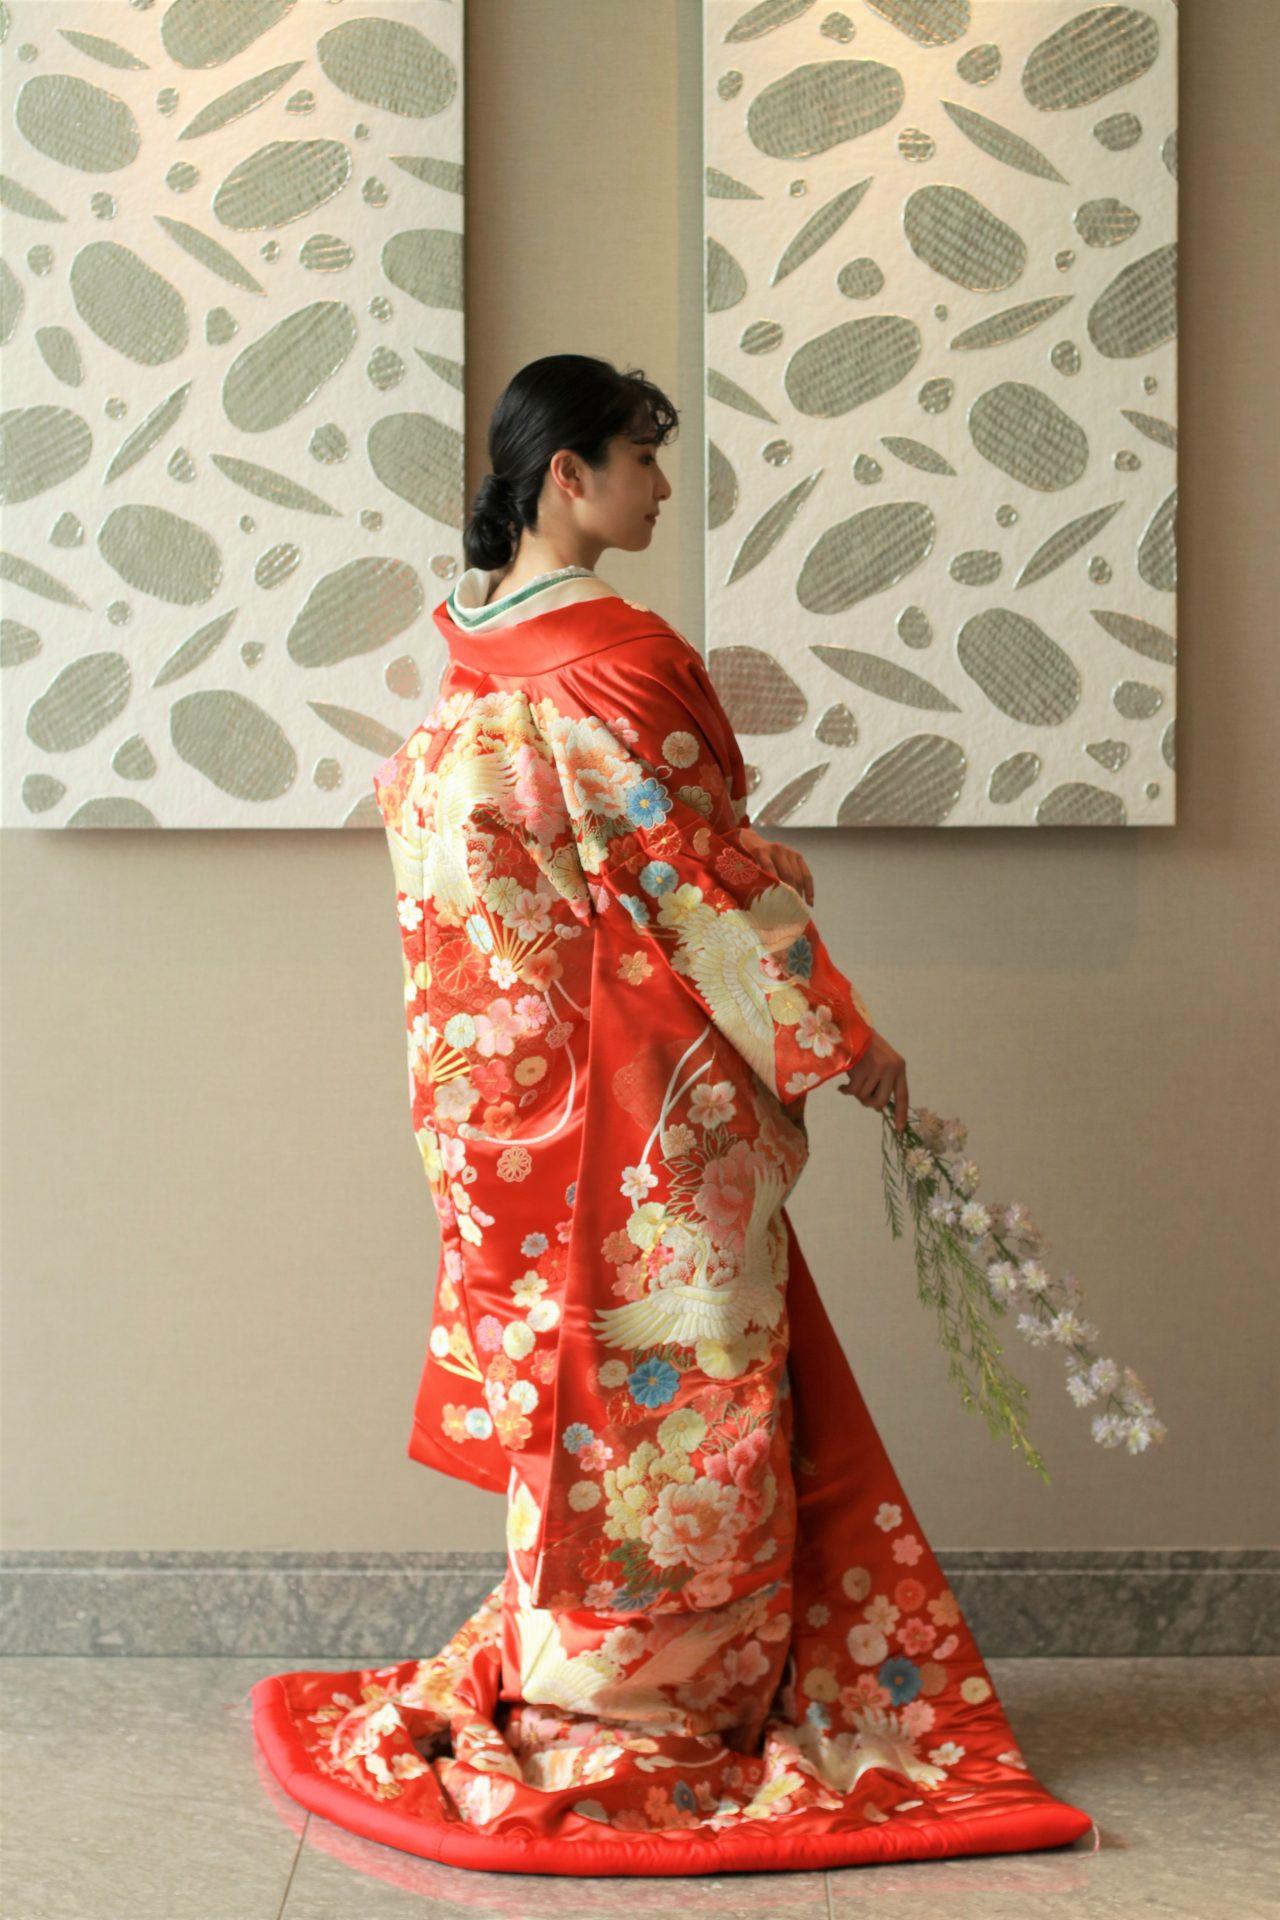 パレスホテル東京のアートに映える色打掛、シルバーのモダンアートの前に姿を重ねれば伝統的な着物姿もモダンな印象に